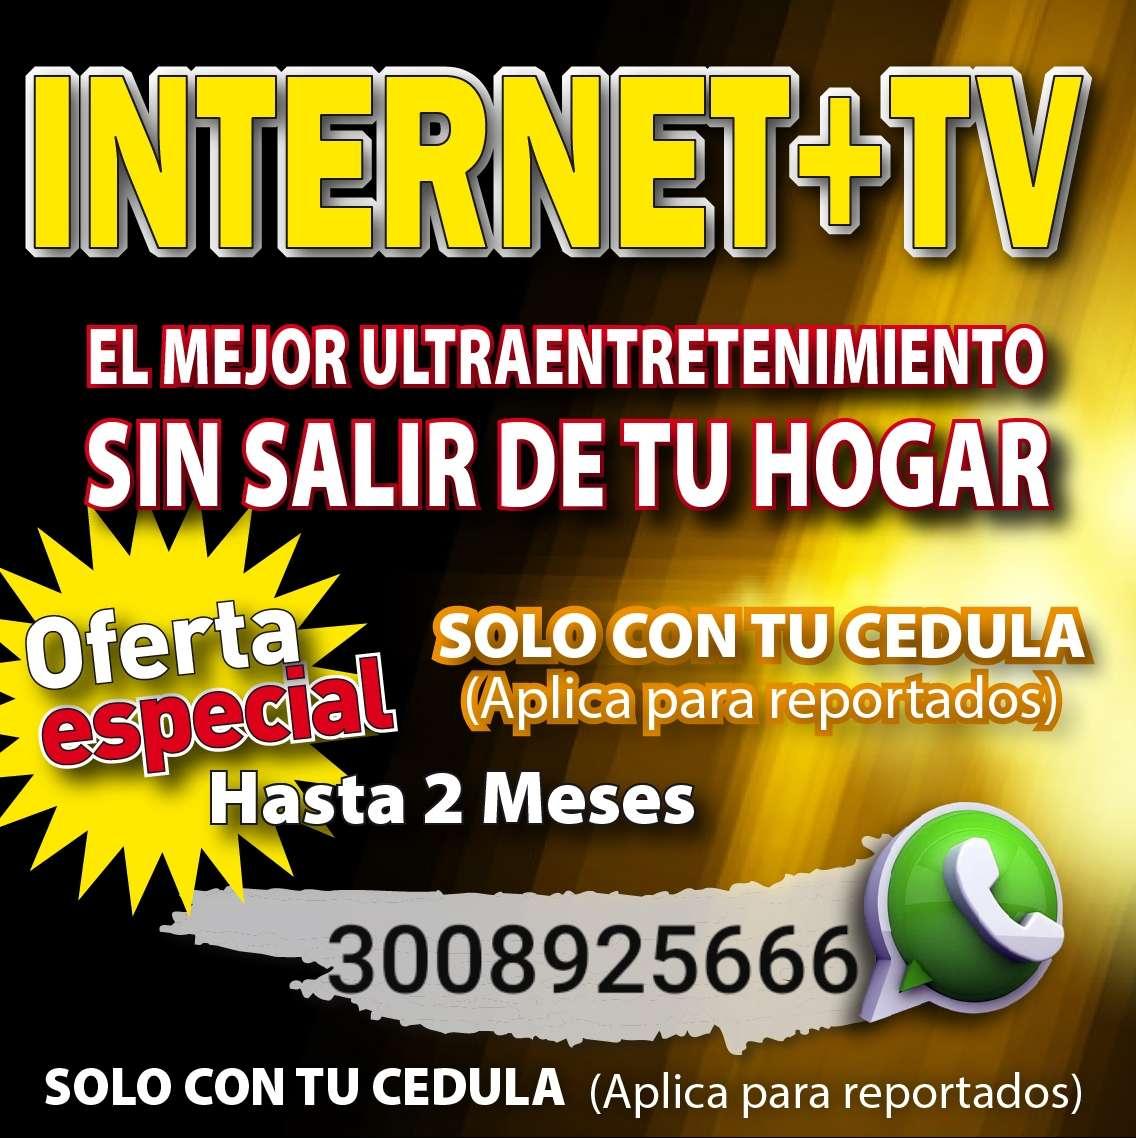 Imagen television Internet Telefonía